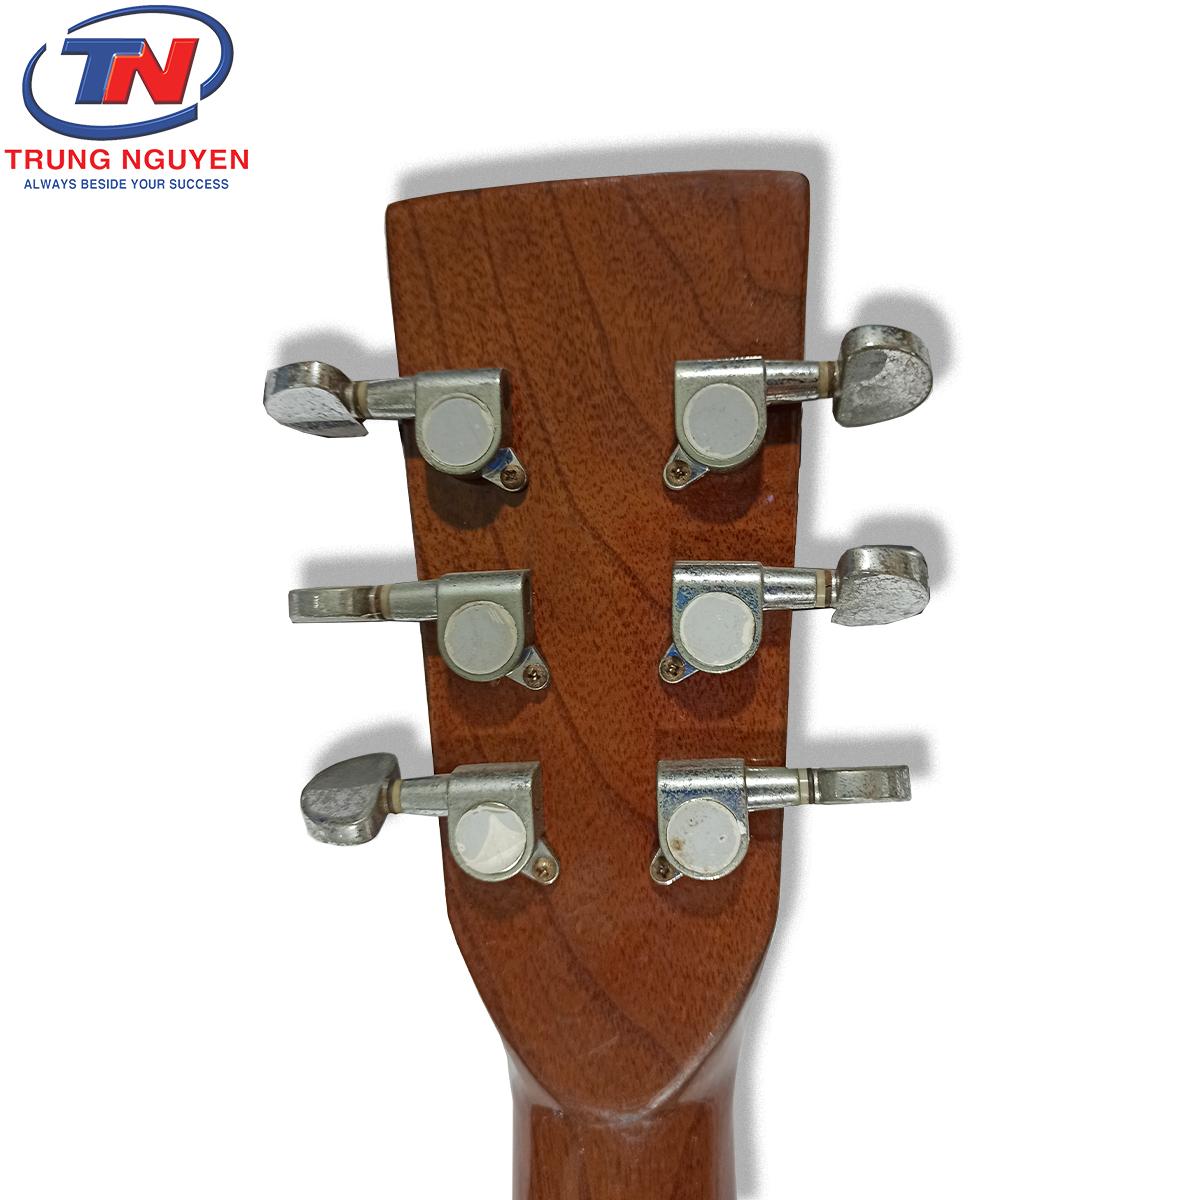 Đàn guitar Việt Nam gỗ cao cấp. Nhạc cụ Trung Nguyên|Chuyên Nhạc cụ